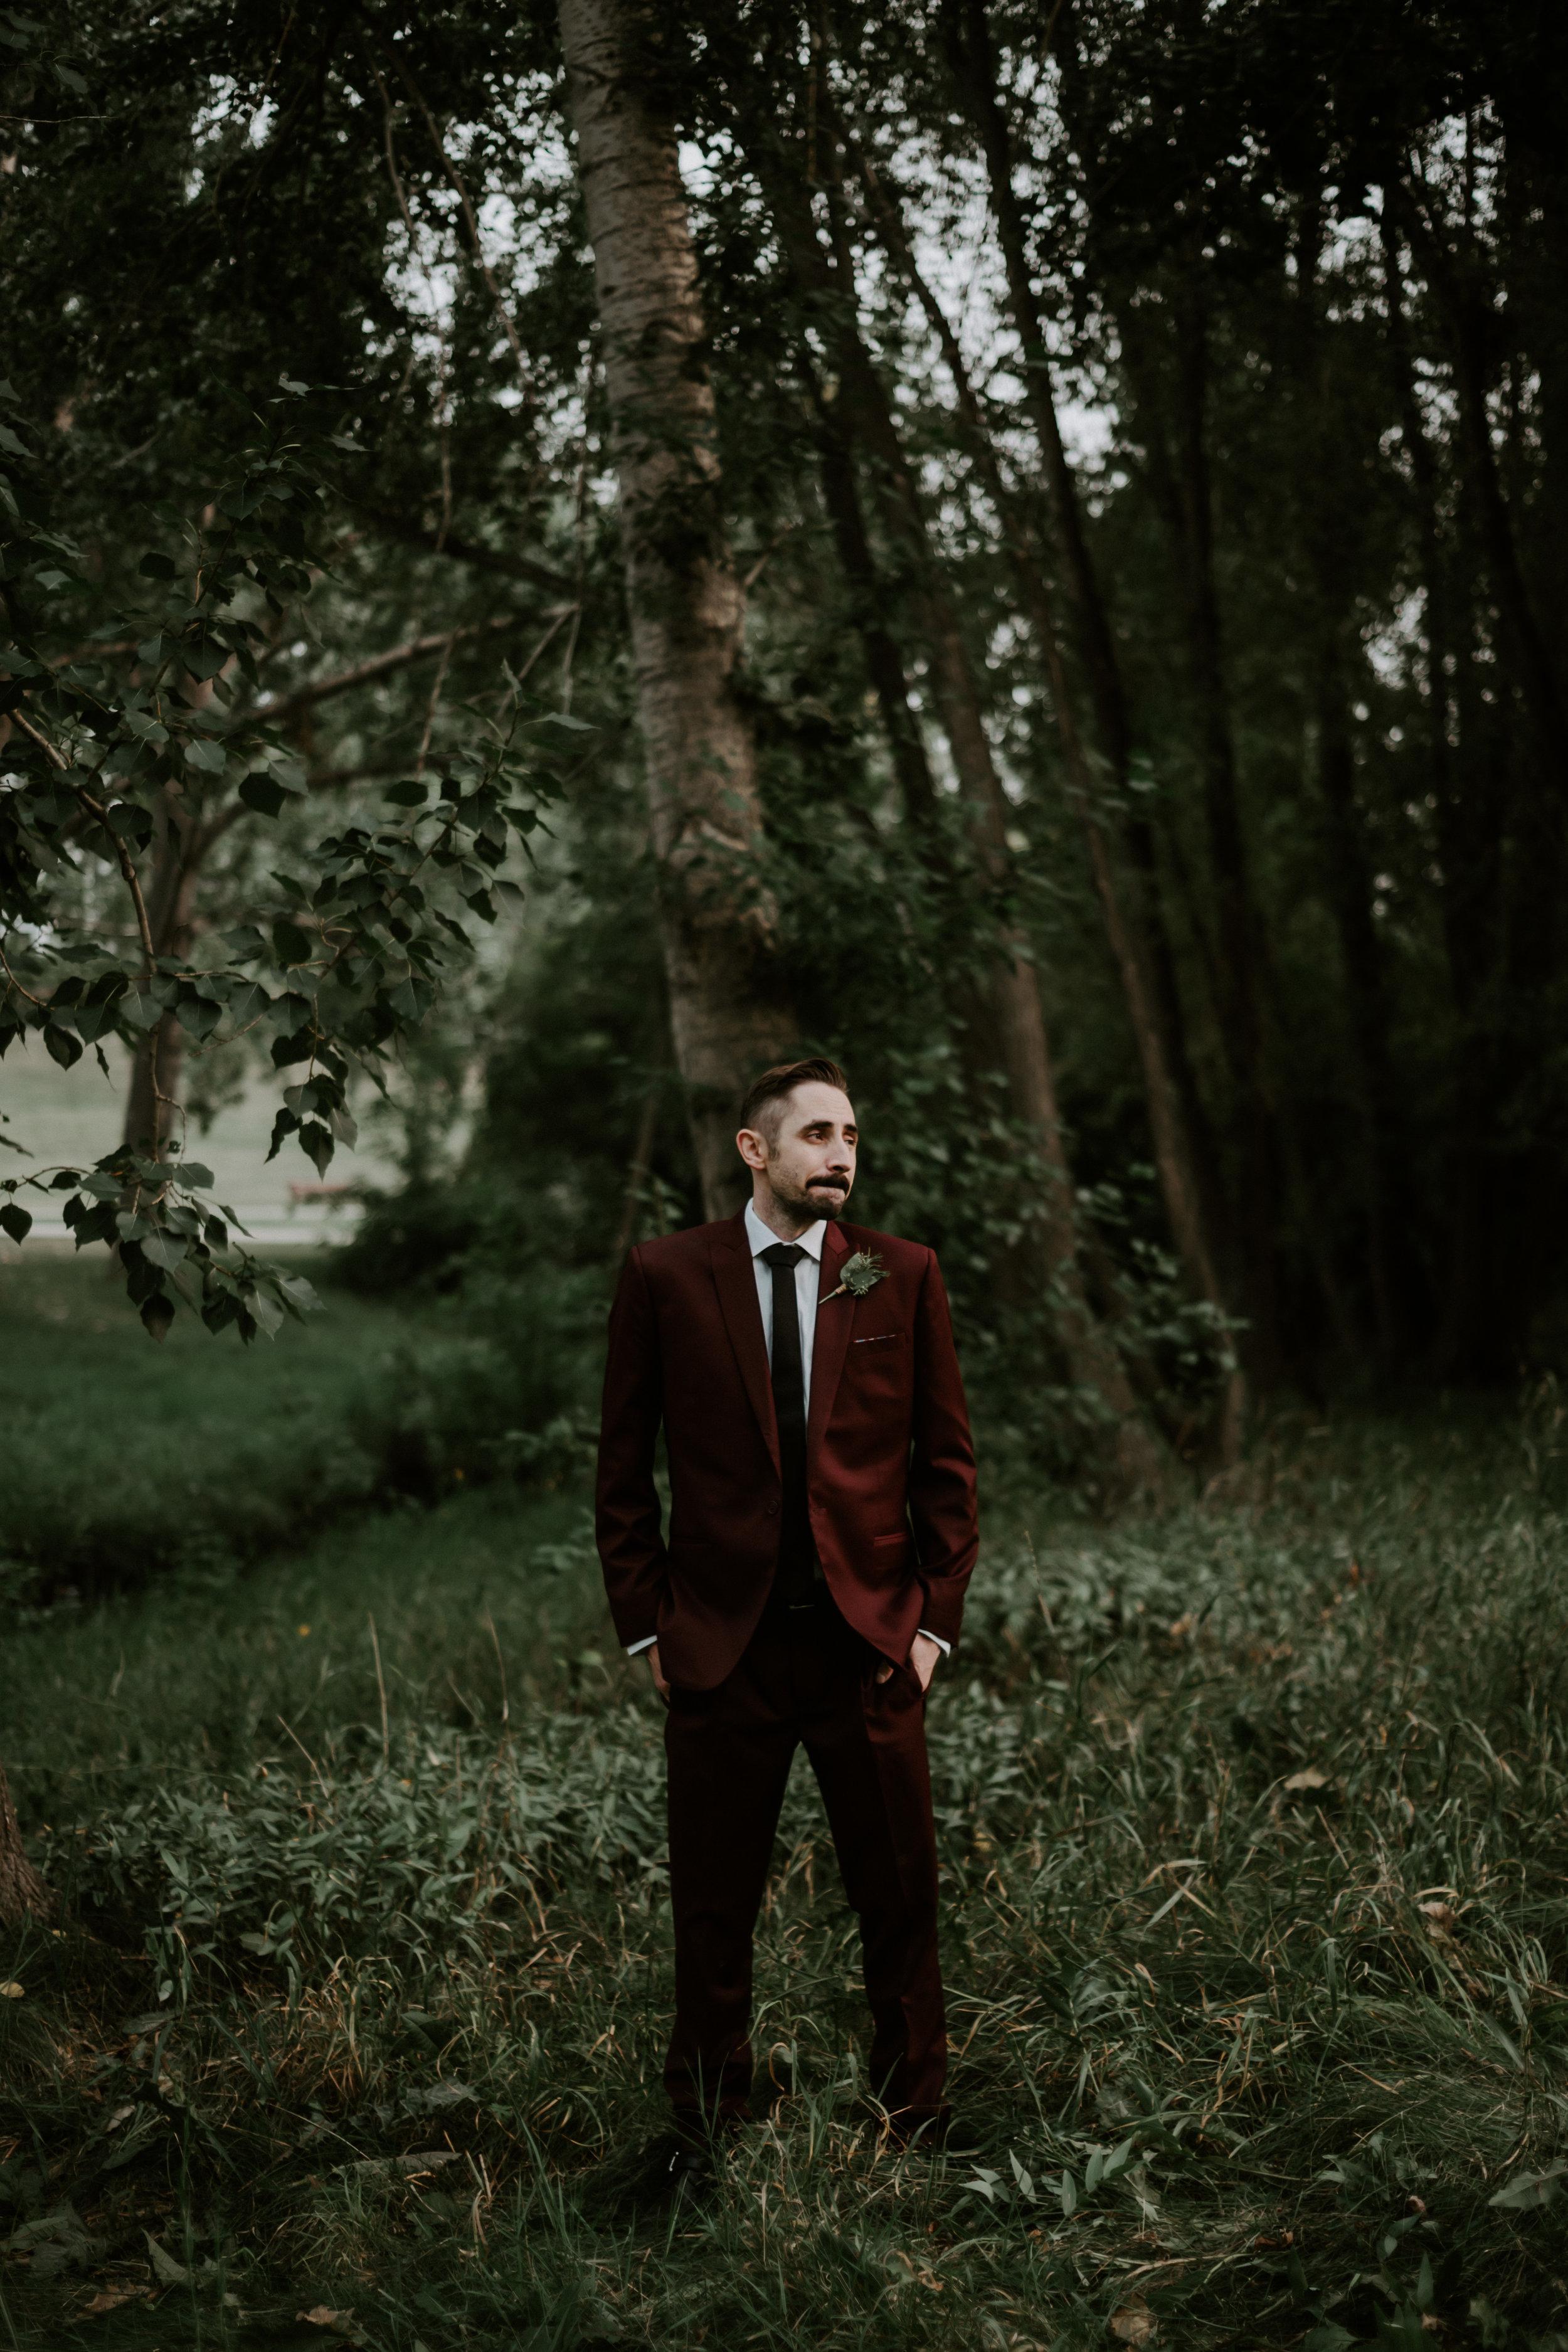 Calgary Wedding Photographer - 60 of 84.jpg